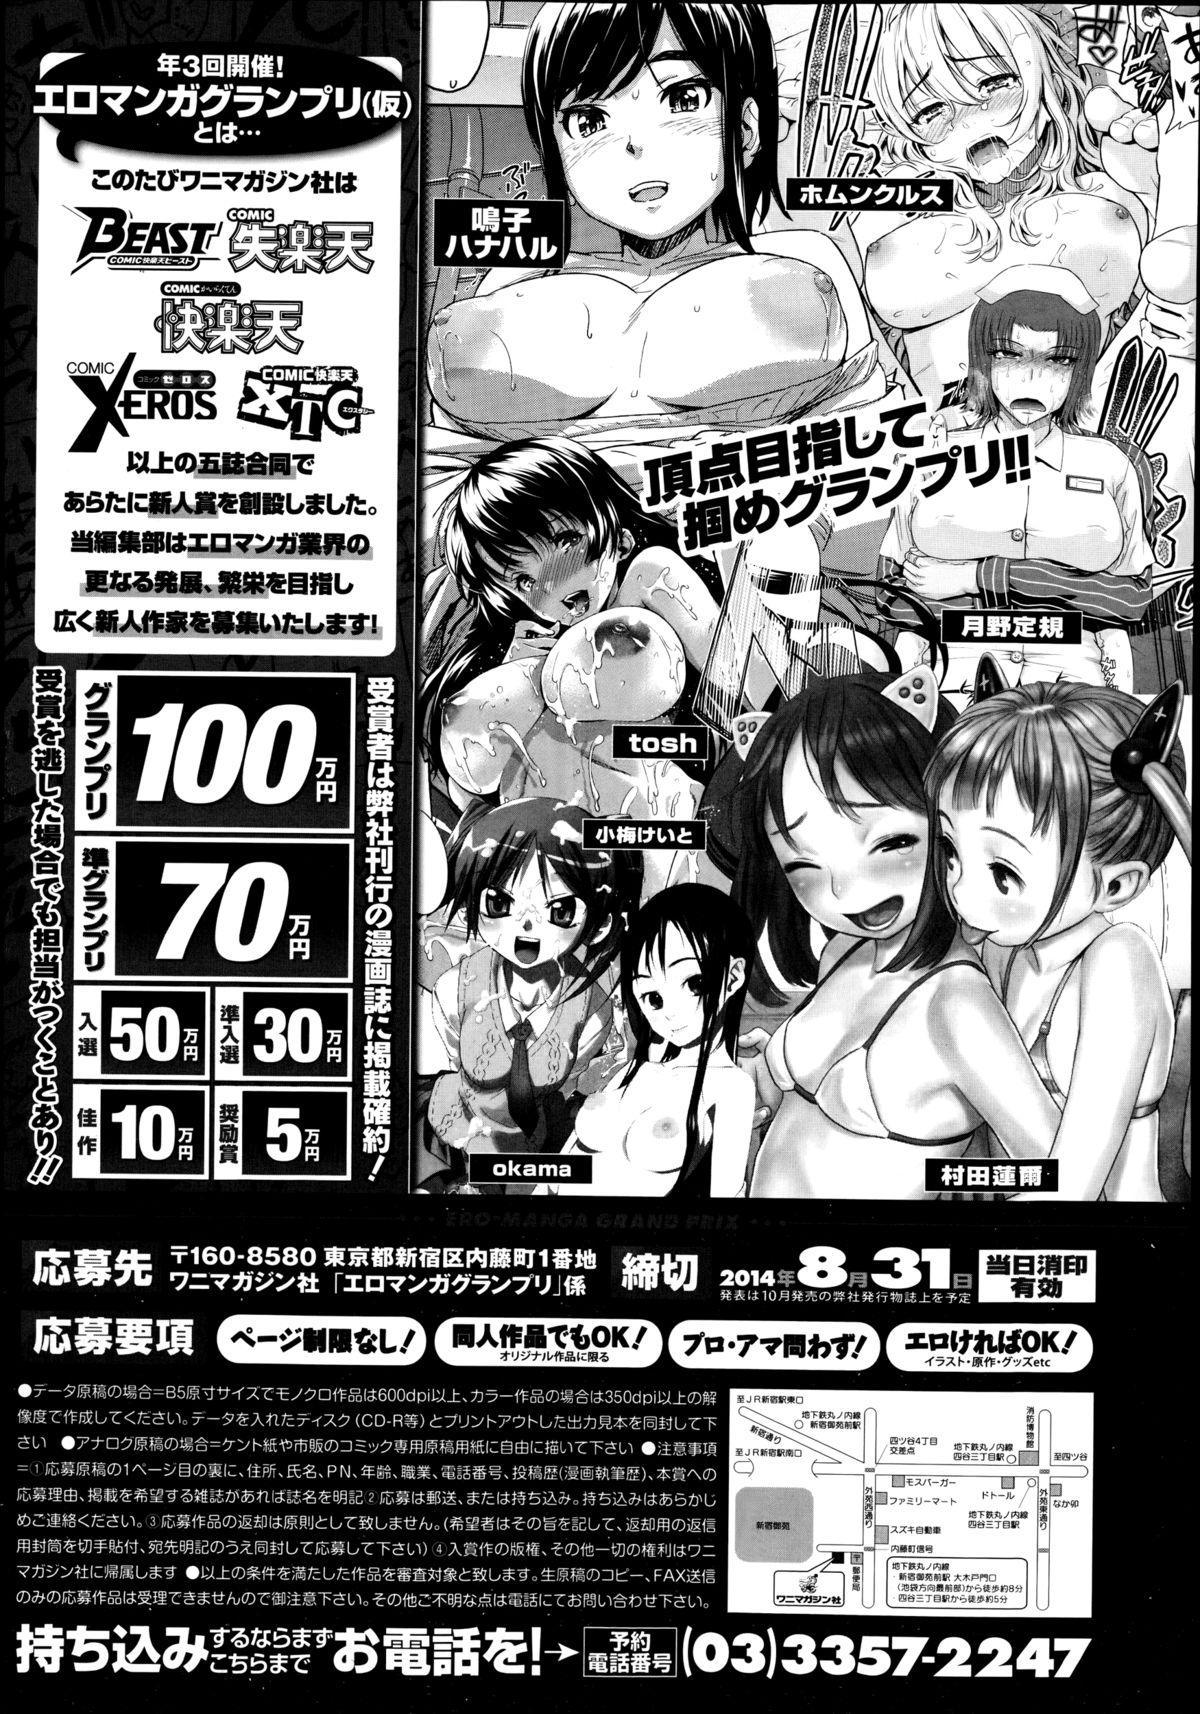 COMIC X-EROS #22 2014-10 477